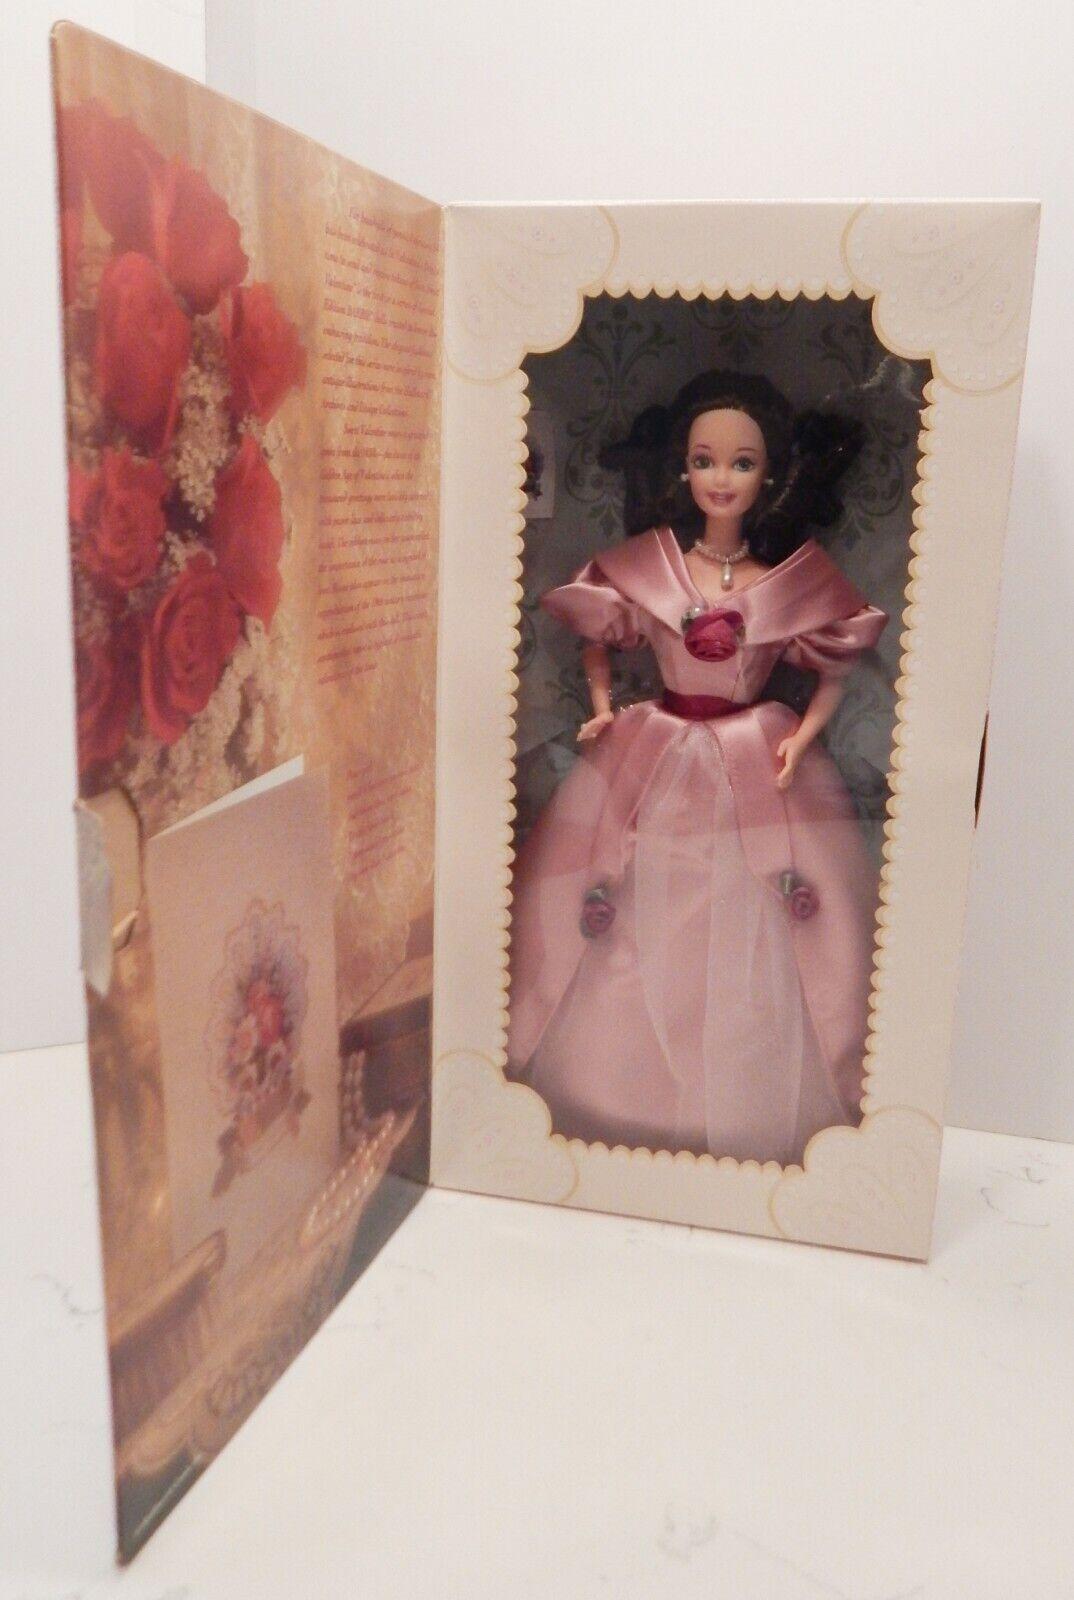 Barbie Sweet Valentine 1995 Special Hallmark Edition - $10.00